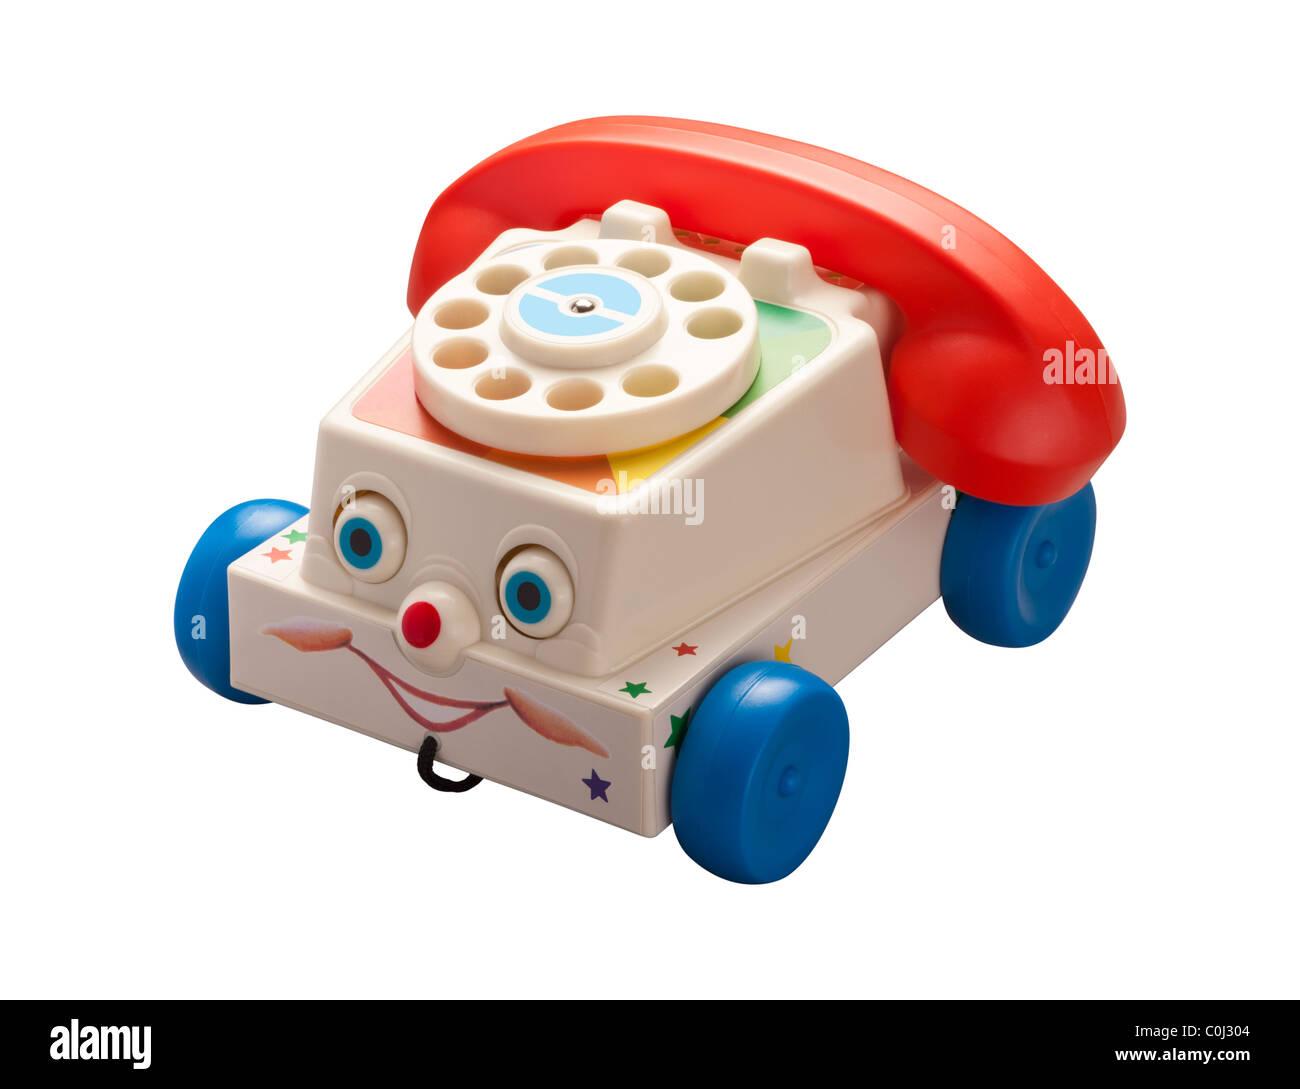 Giocattolo Antico Telefono isolato su uno sfondo bianco. Immagini Stock